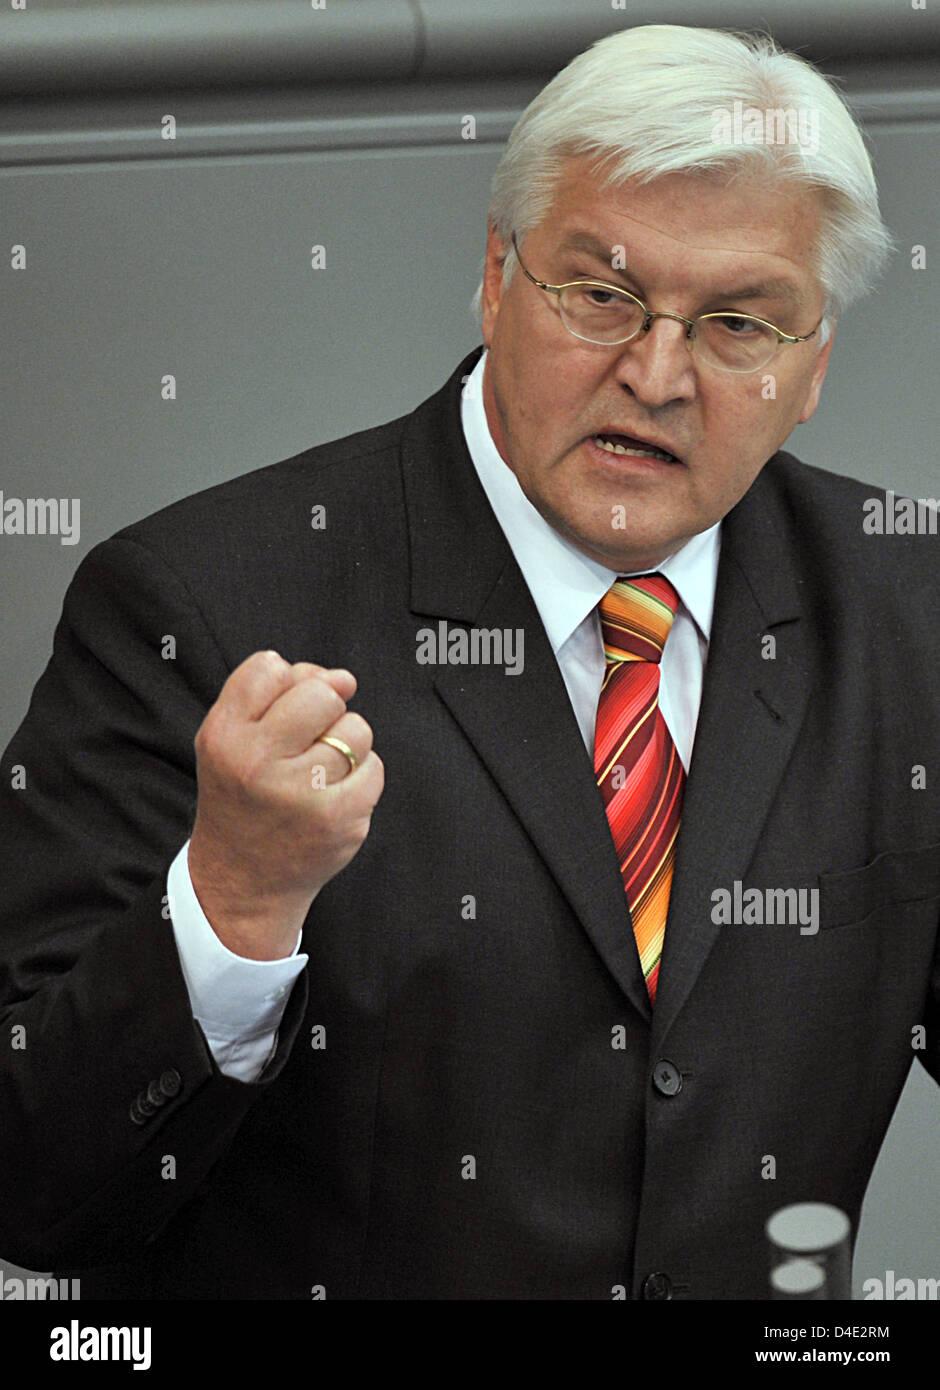 Der deutsche Außenminister Frank-Walter Steinmeier hält eine Rede im Rahmen einer speziellen Anhörung des Deutschen Bundestages in Berlin, Deutschland, 7. Oktober 2008. Bundeskabinett hat das 14-Monats-Verlängerung des Afghanistan-Mandats und eine zusätzliche Bereitstellung von 1.000 Soldaten, dann Nummerierung 4.500 insgesamt vereinbart. Die Entscheidung muss noch vom Deutschen Bundestag ratifiziert werden. Foto Stockfoto